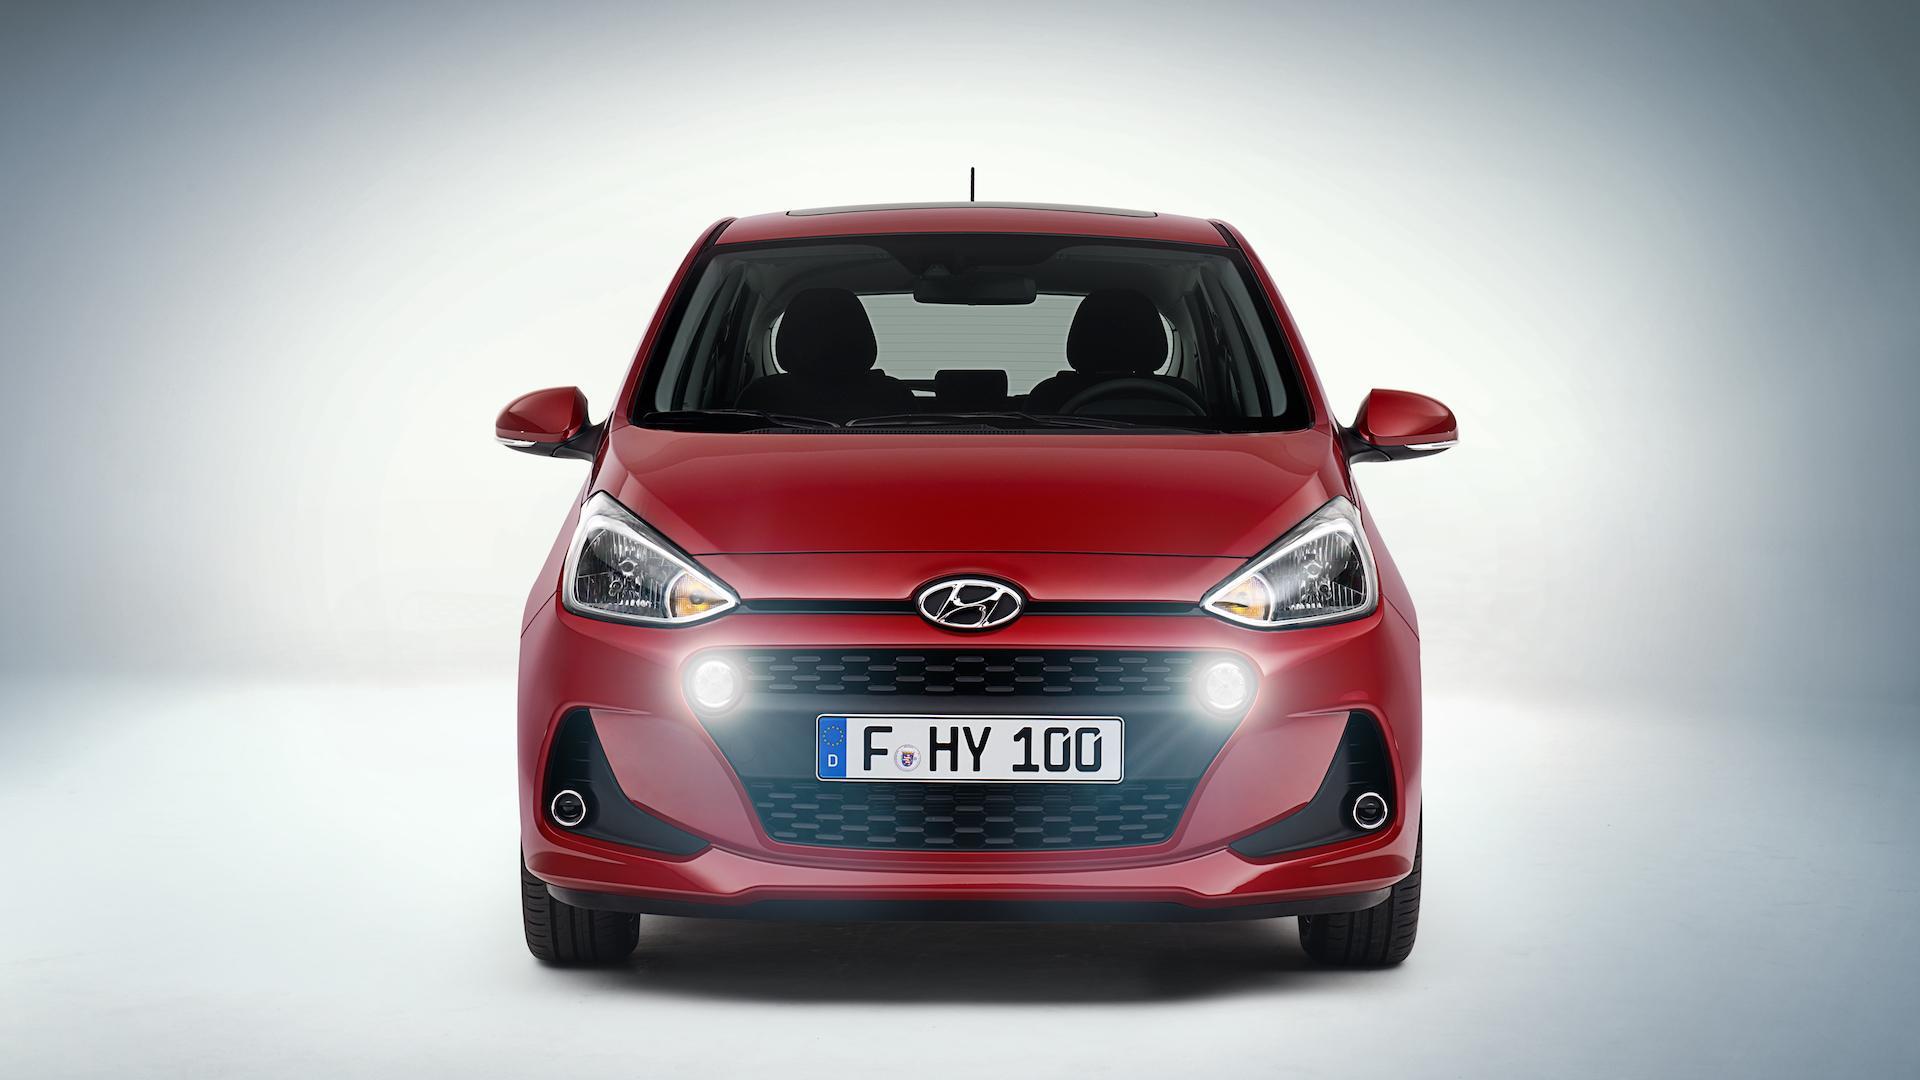 [Imágenes] Este es el nuevo Hyundai i10: novedad del Salón del Automóvil de París